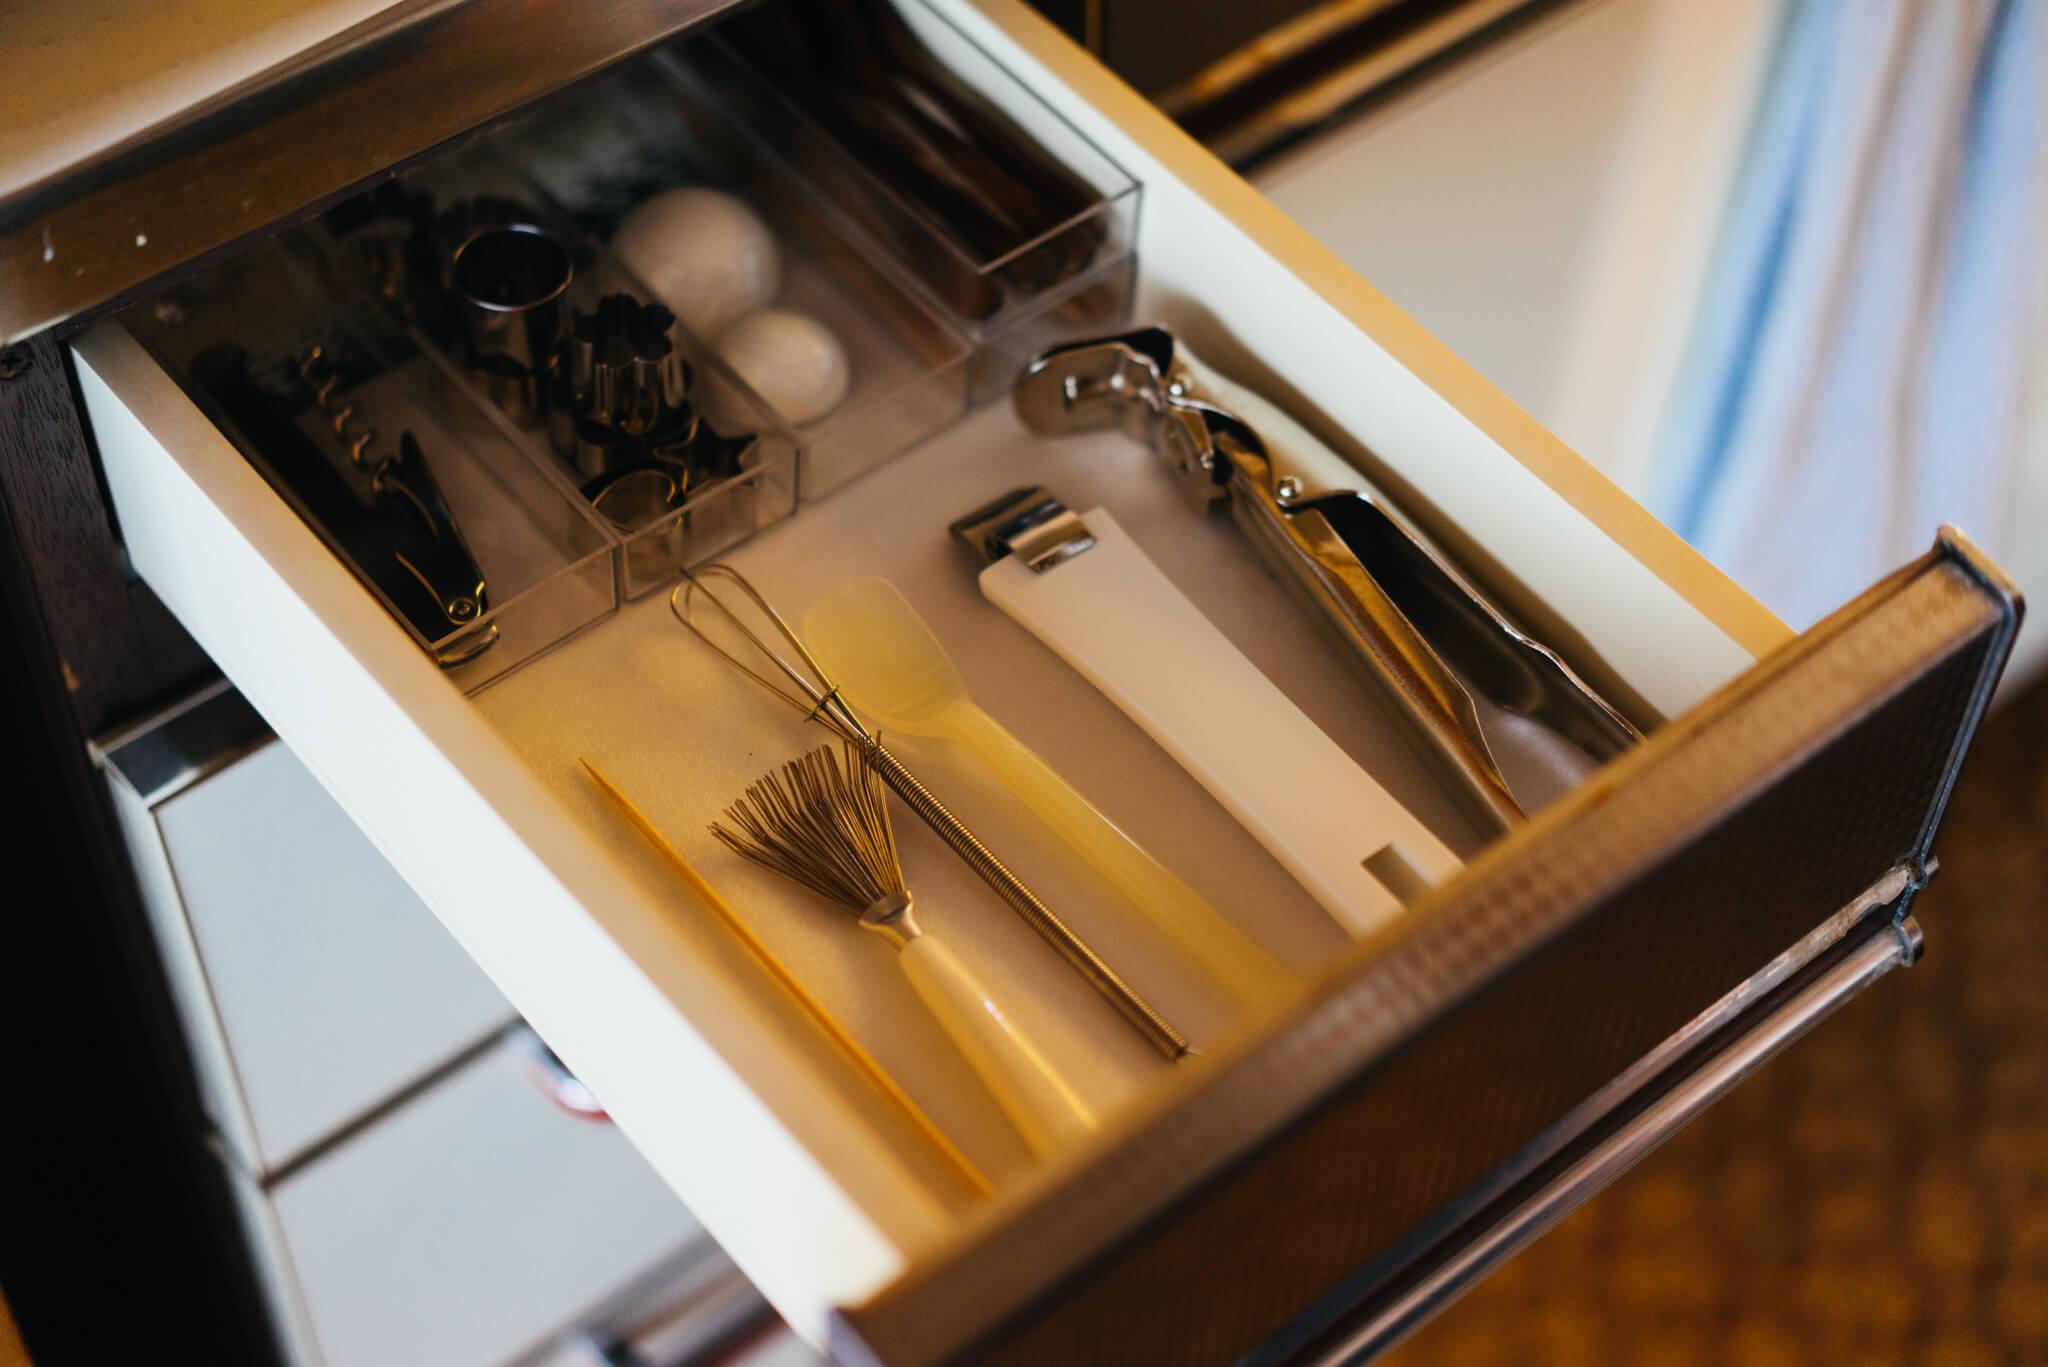 棚や引き出しの中も、ぴったりサイズのボックスをうまく活用して見やすく、手に取りやすく片付いていて、さすがです。